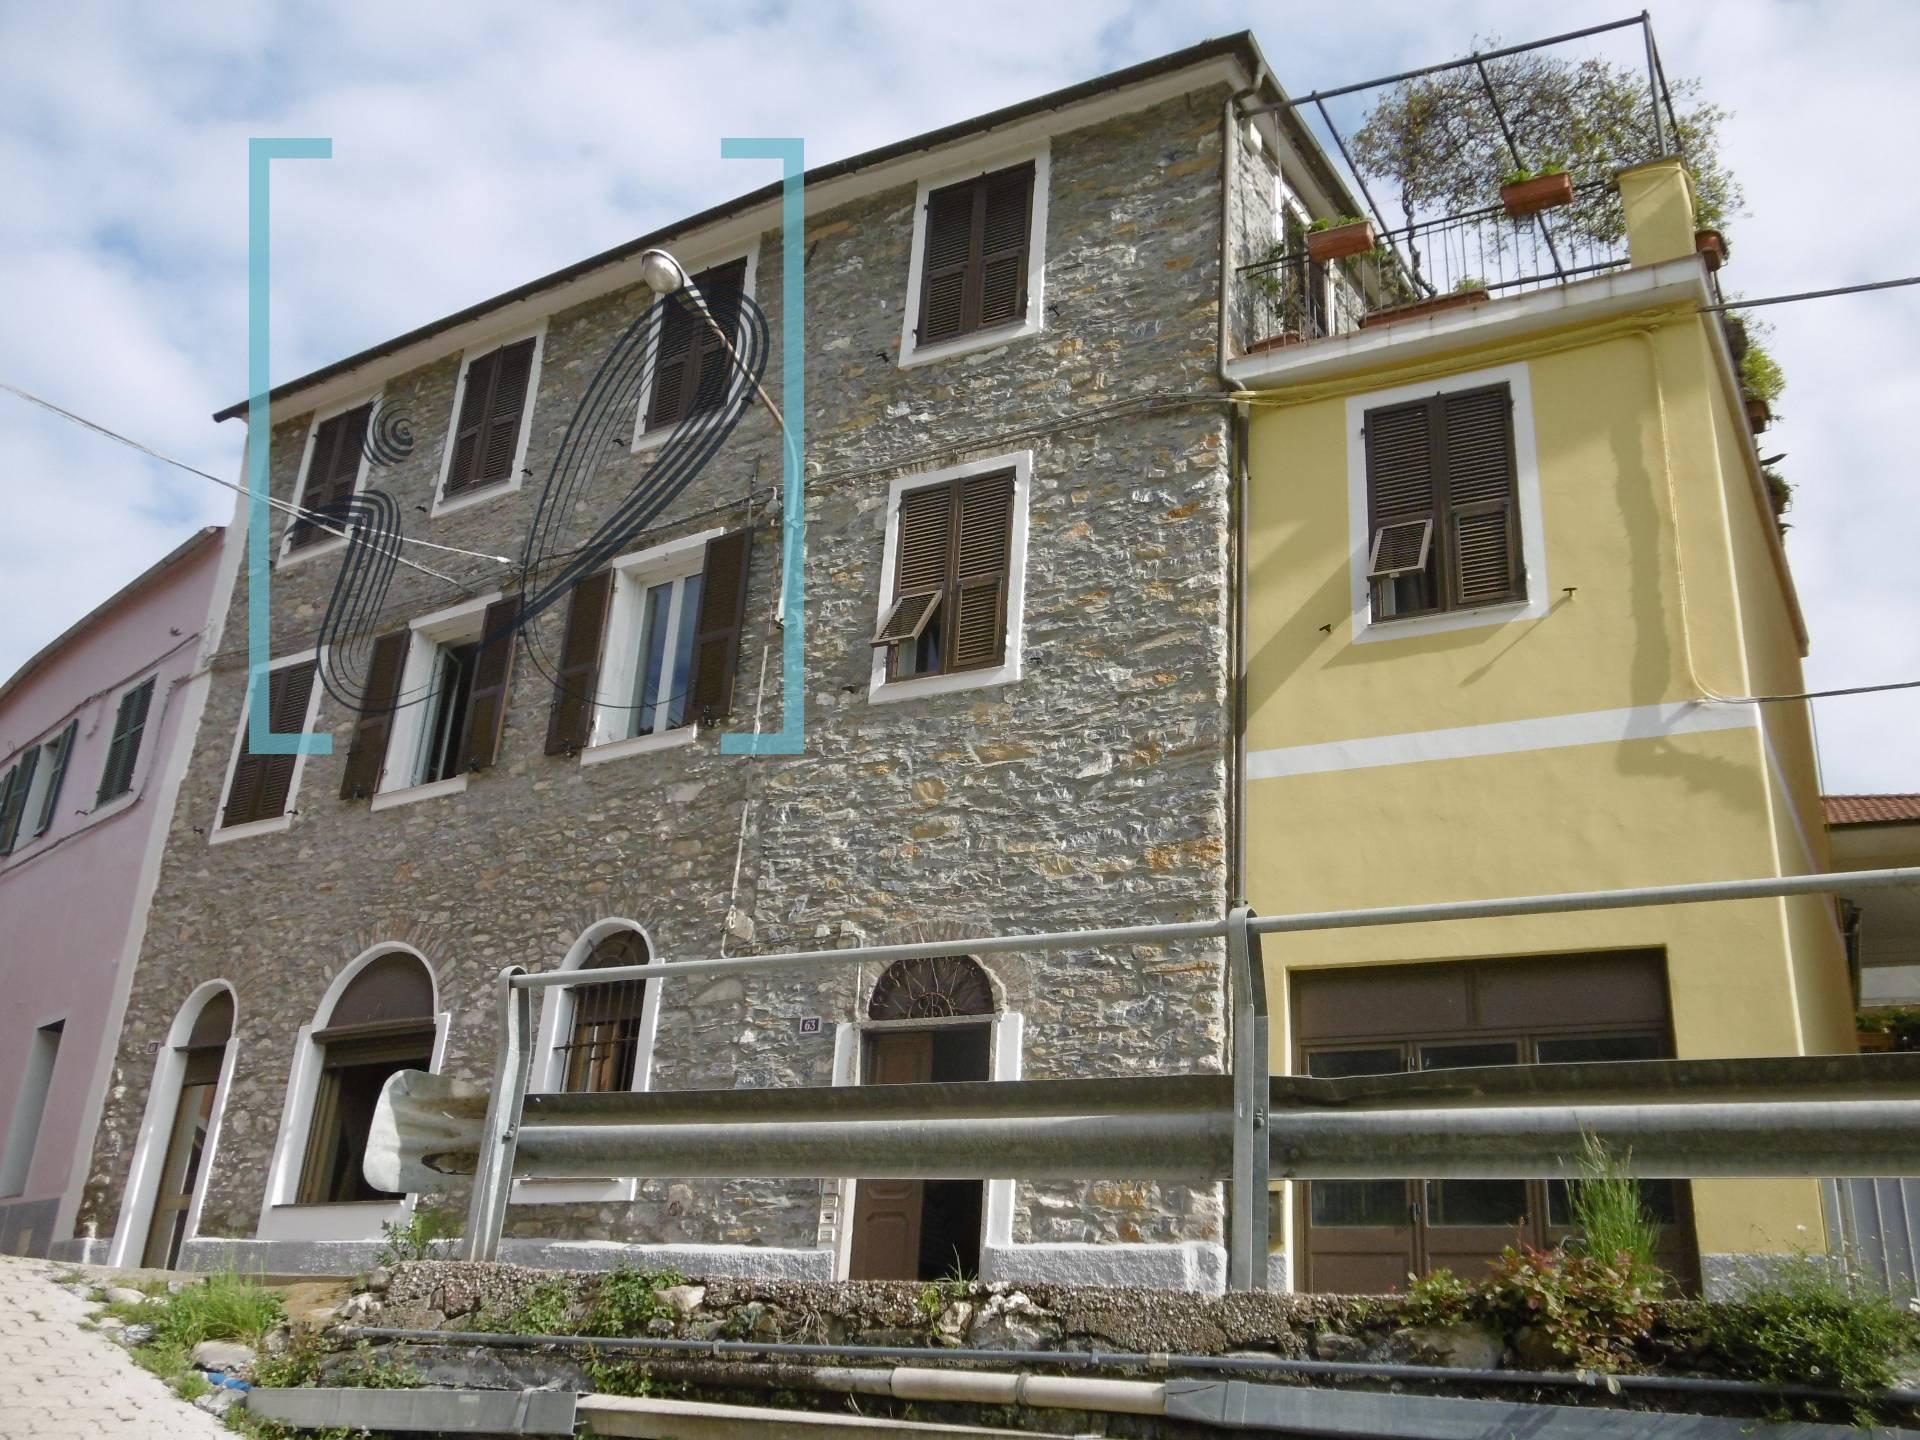 Rustico / Casale in vendita a Ranzo, 10 locali, prezzo € 98.000   CambioCasa.it